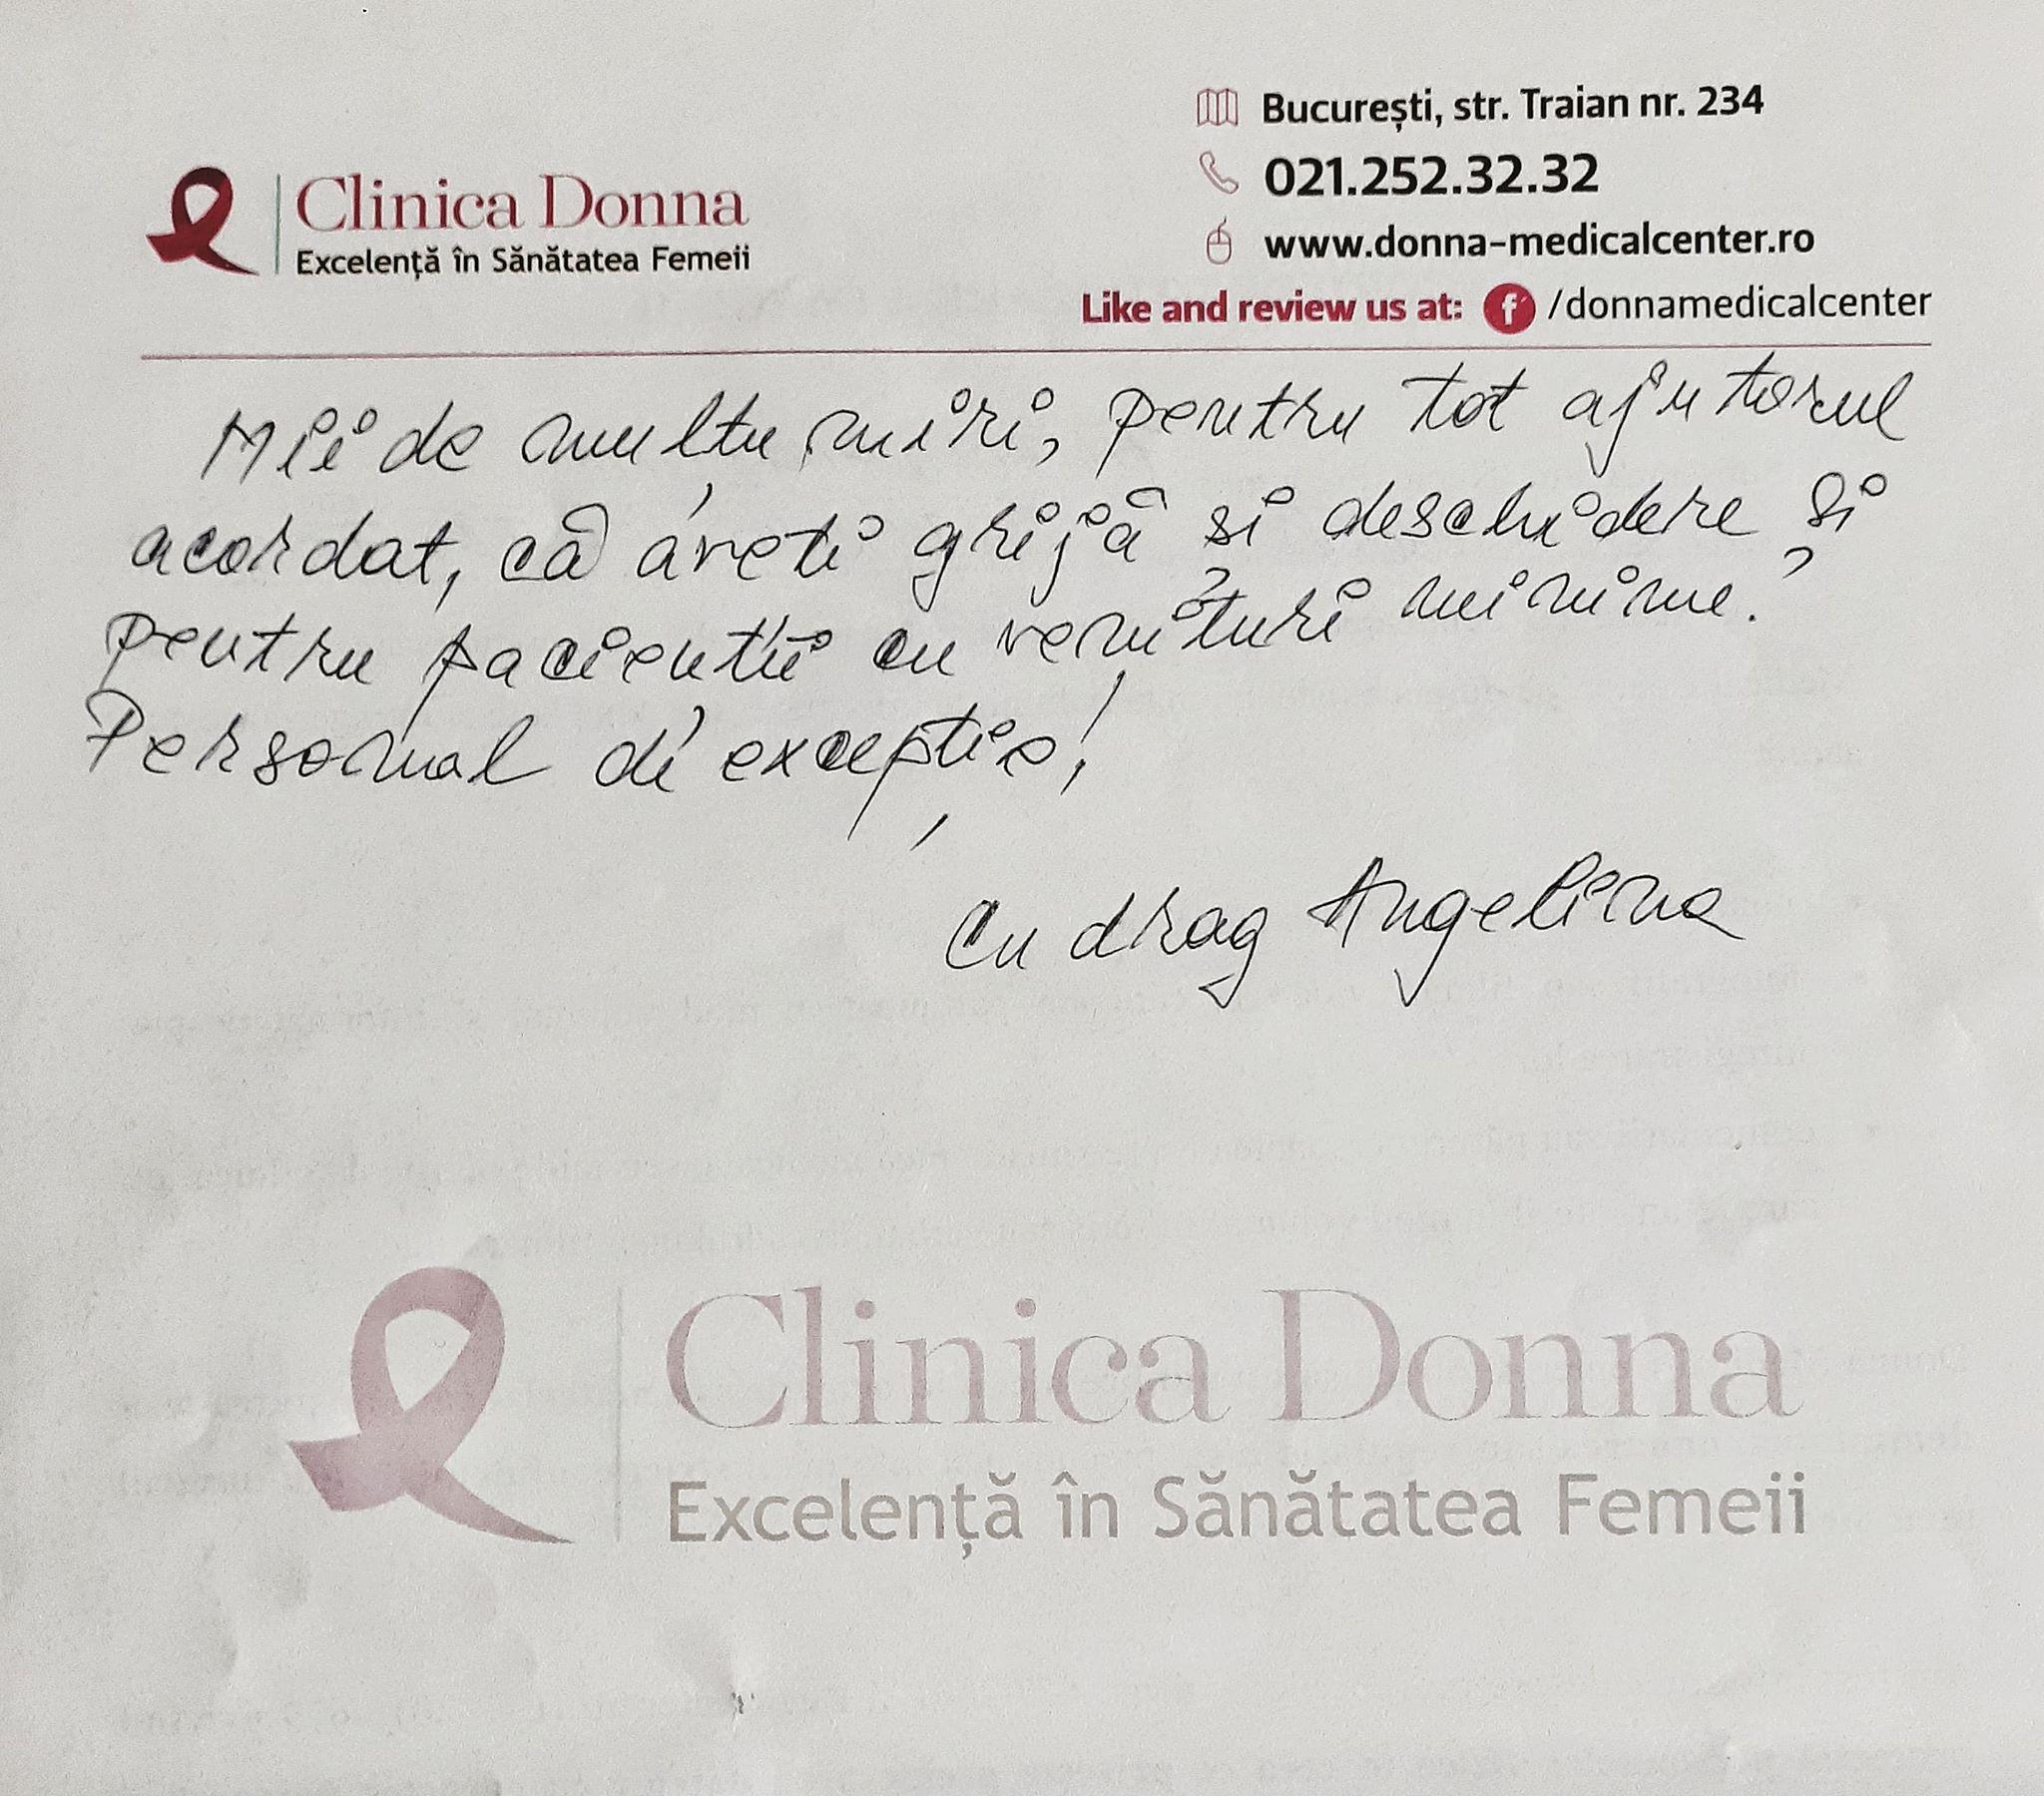 """Filipoiu Angelina, Campania socială """"Ziua Șanselor la Viață"""", 03.11.2018"""